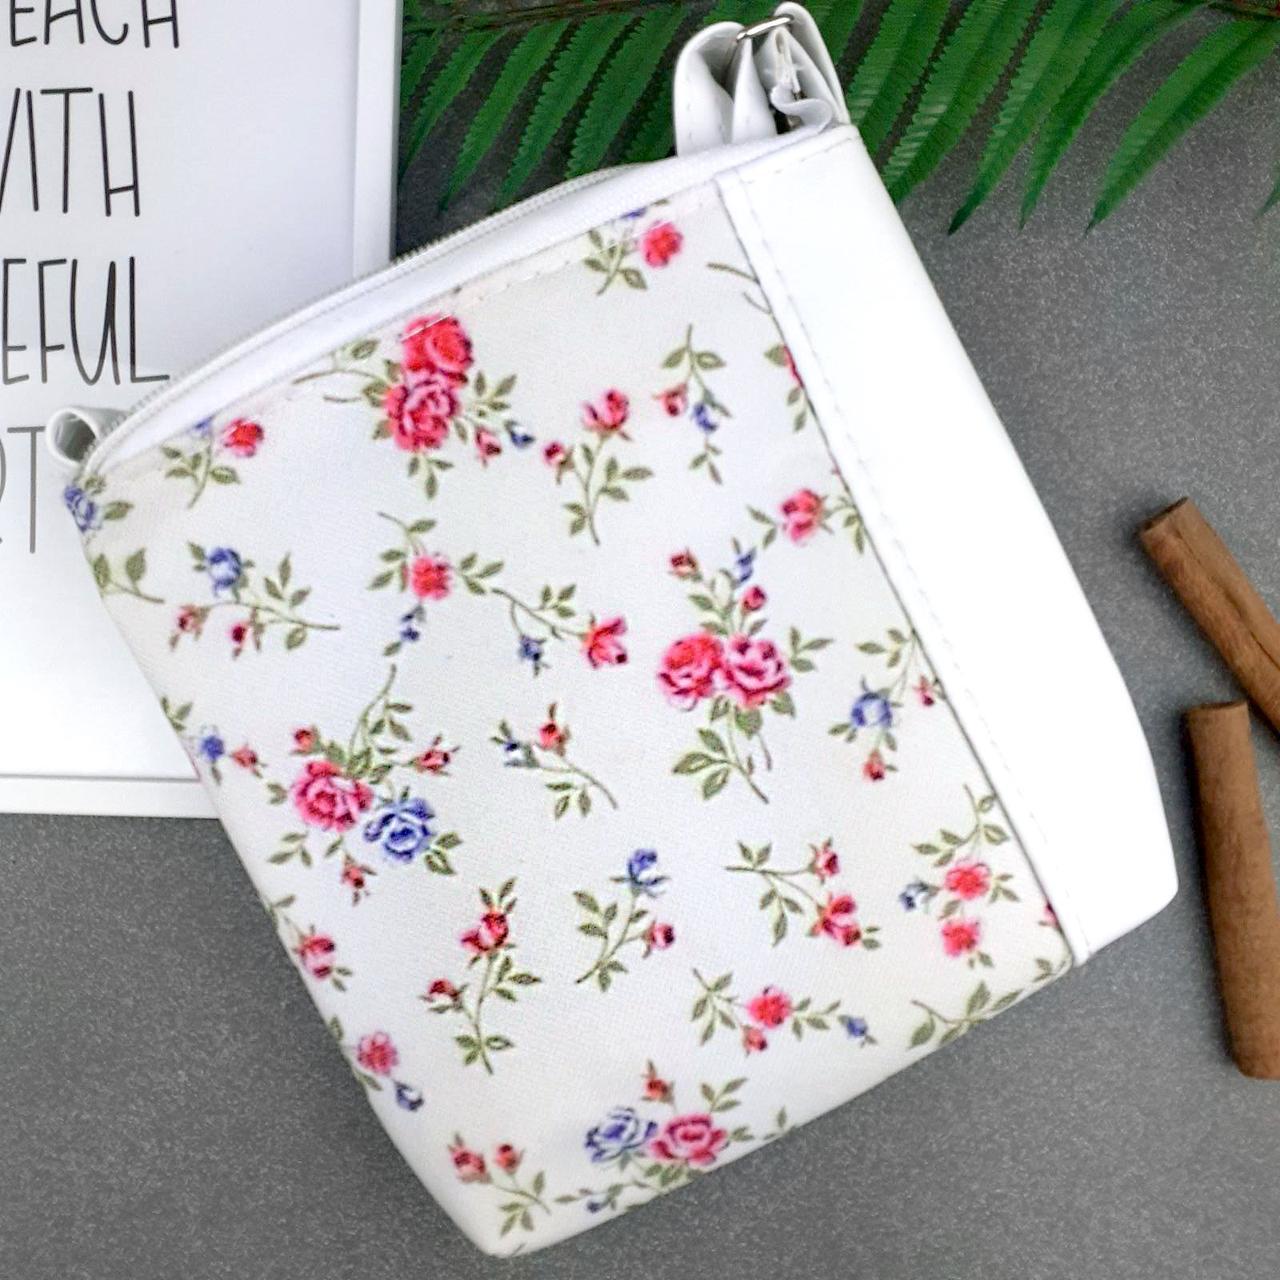 Белая девчачья сумка с цветочным орнаментом